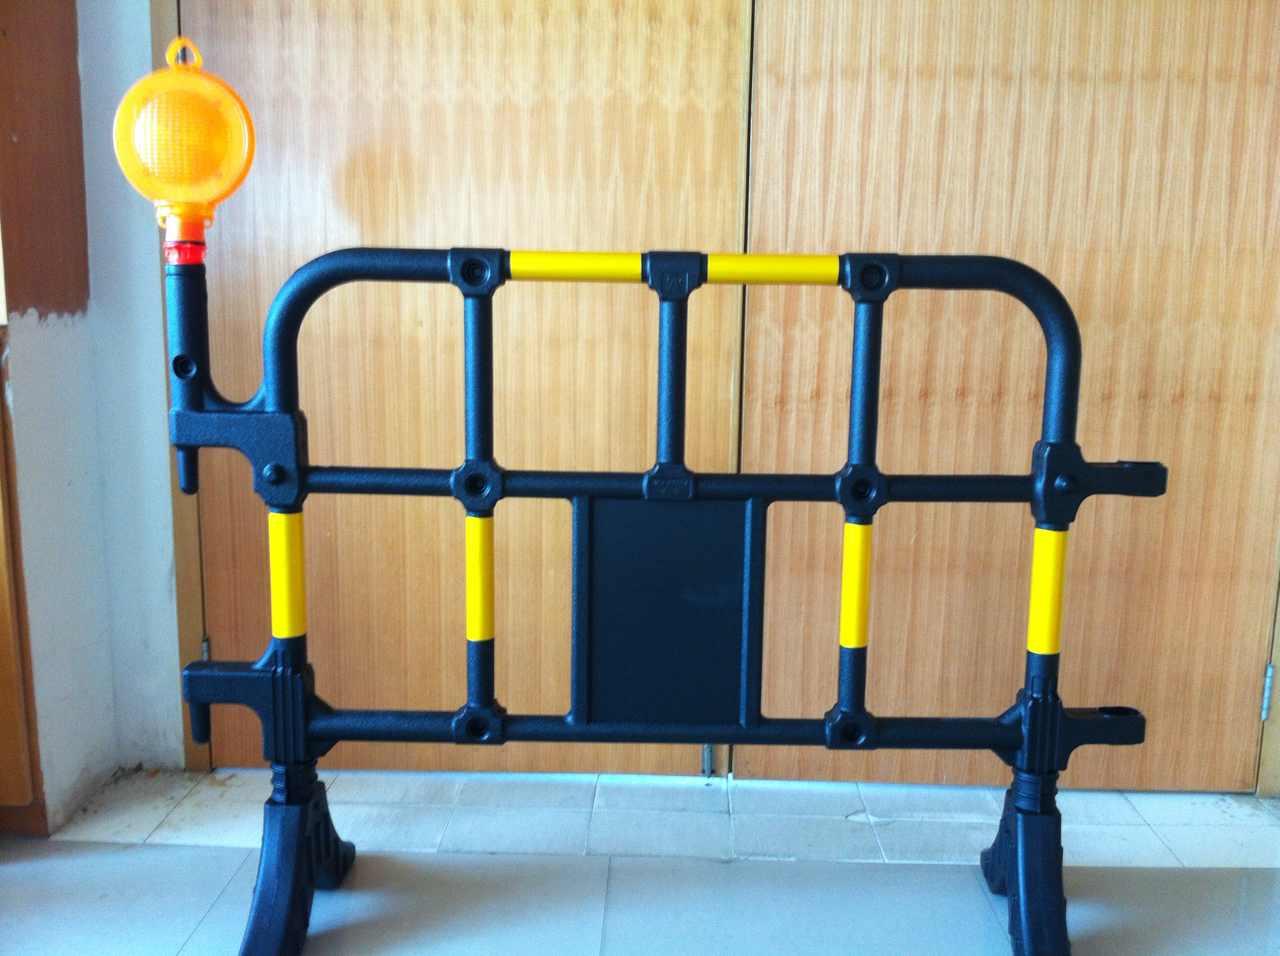 广东深圳塑料护栏厂家-黑黄护栏价格中路达